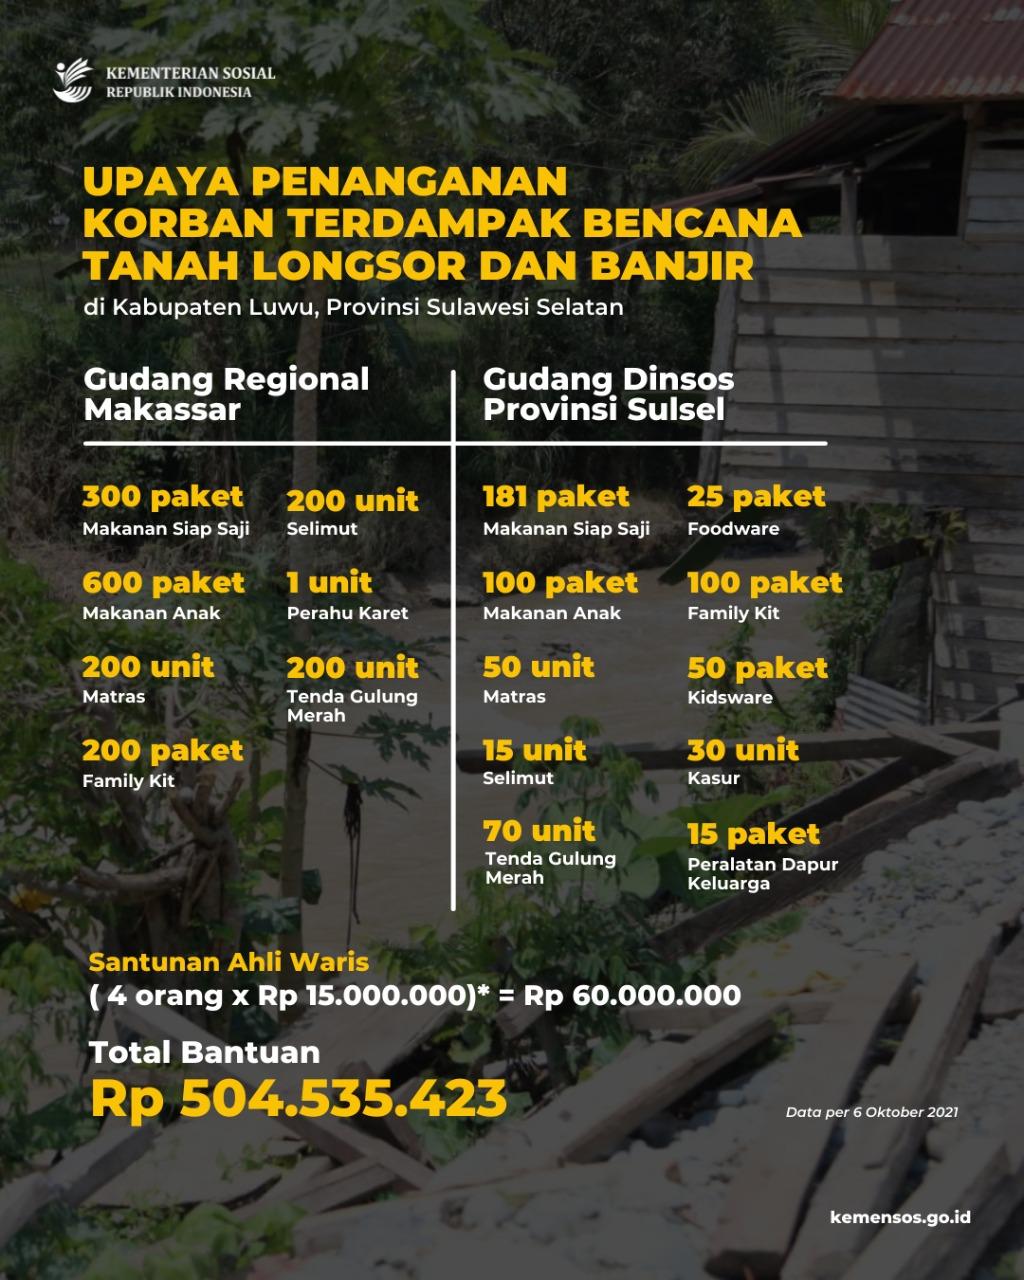 Penanganan Korban Bencana Banjir dan Tanah Longsor di Kabupaten Luwu, Provinsi Sulawesi Selatan